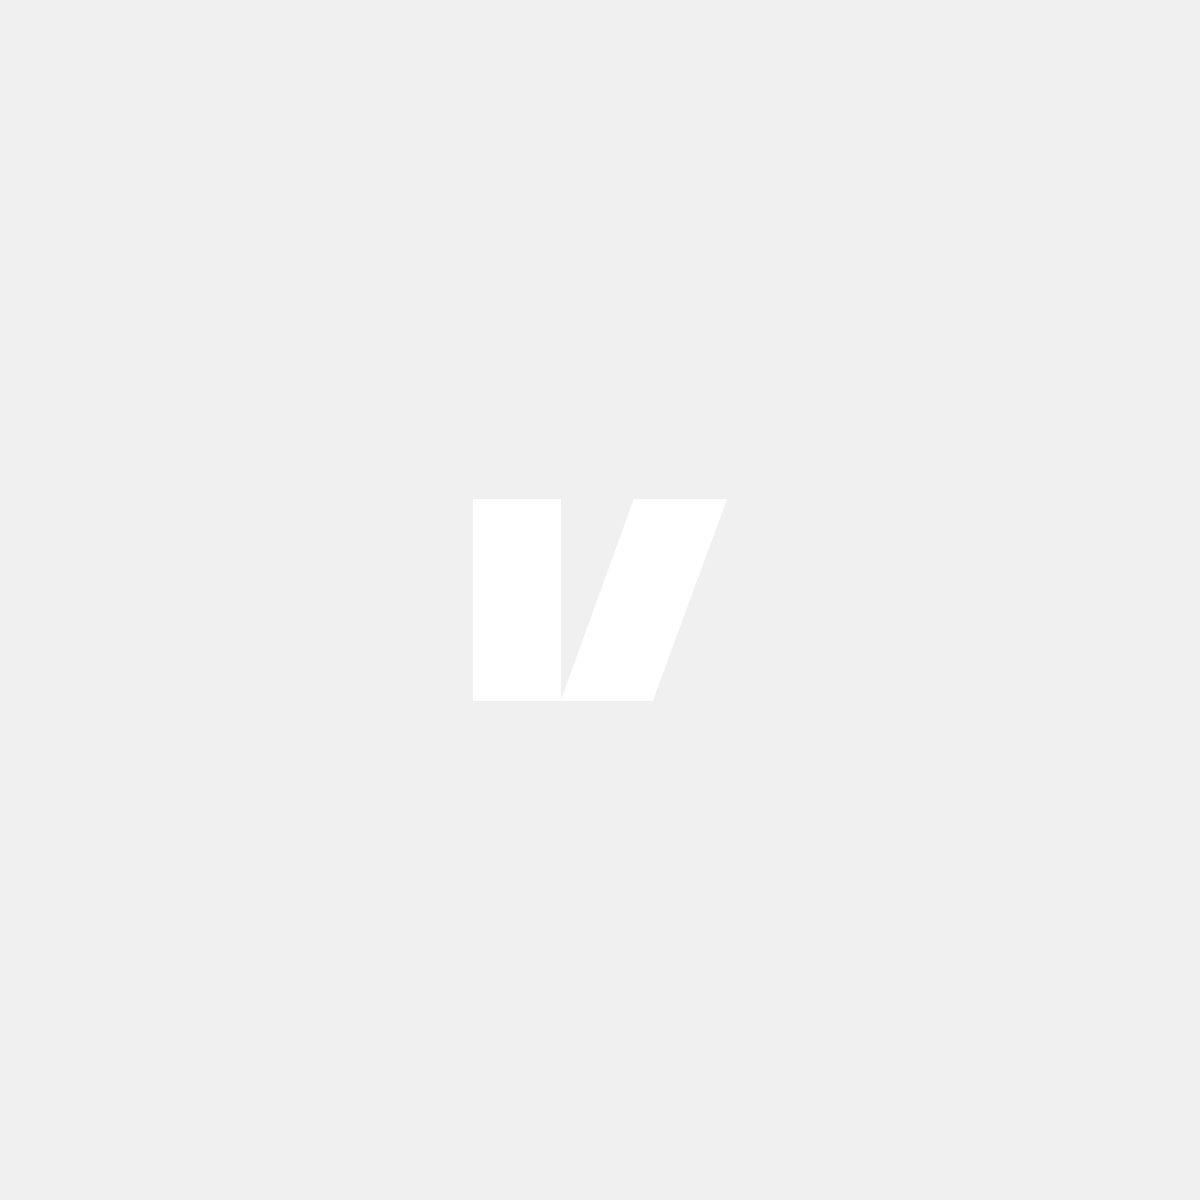 rutlister-volvo-740-001.jpg